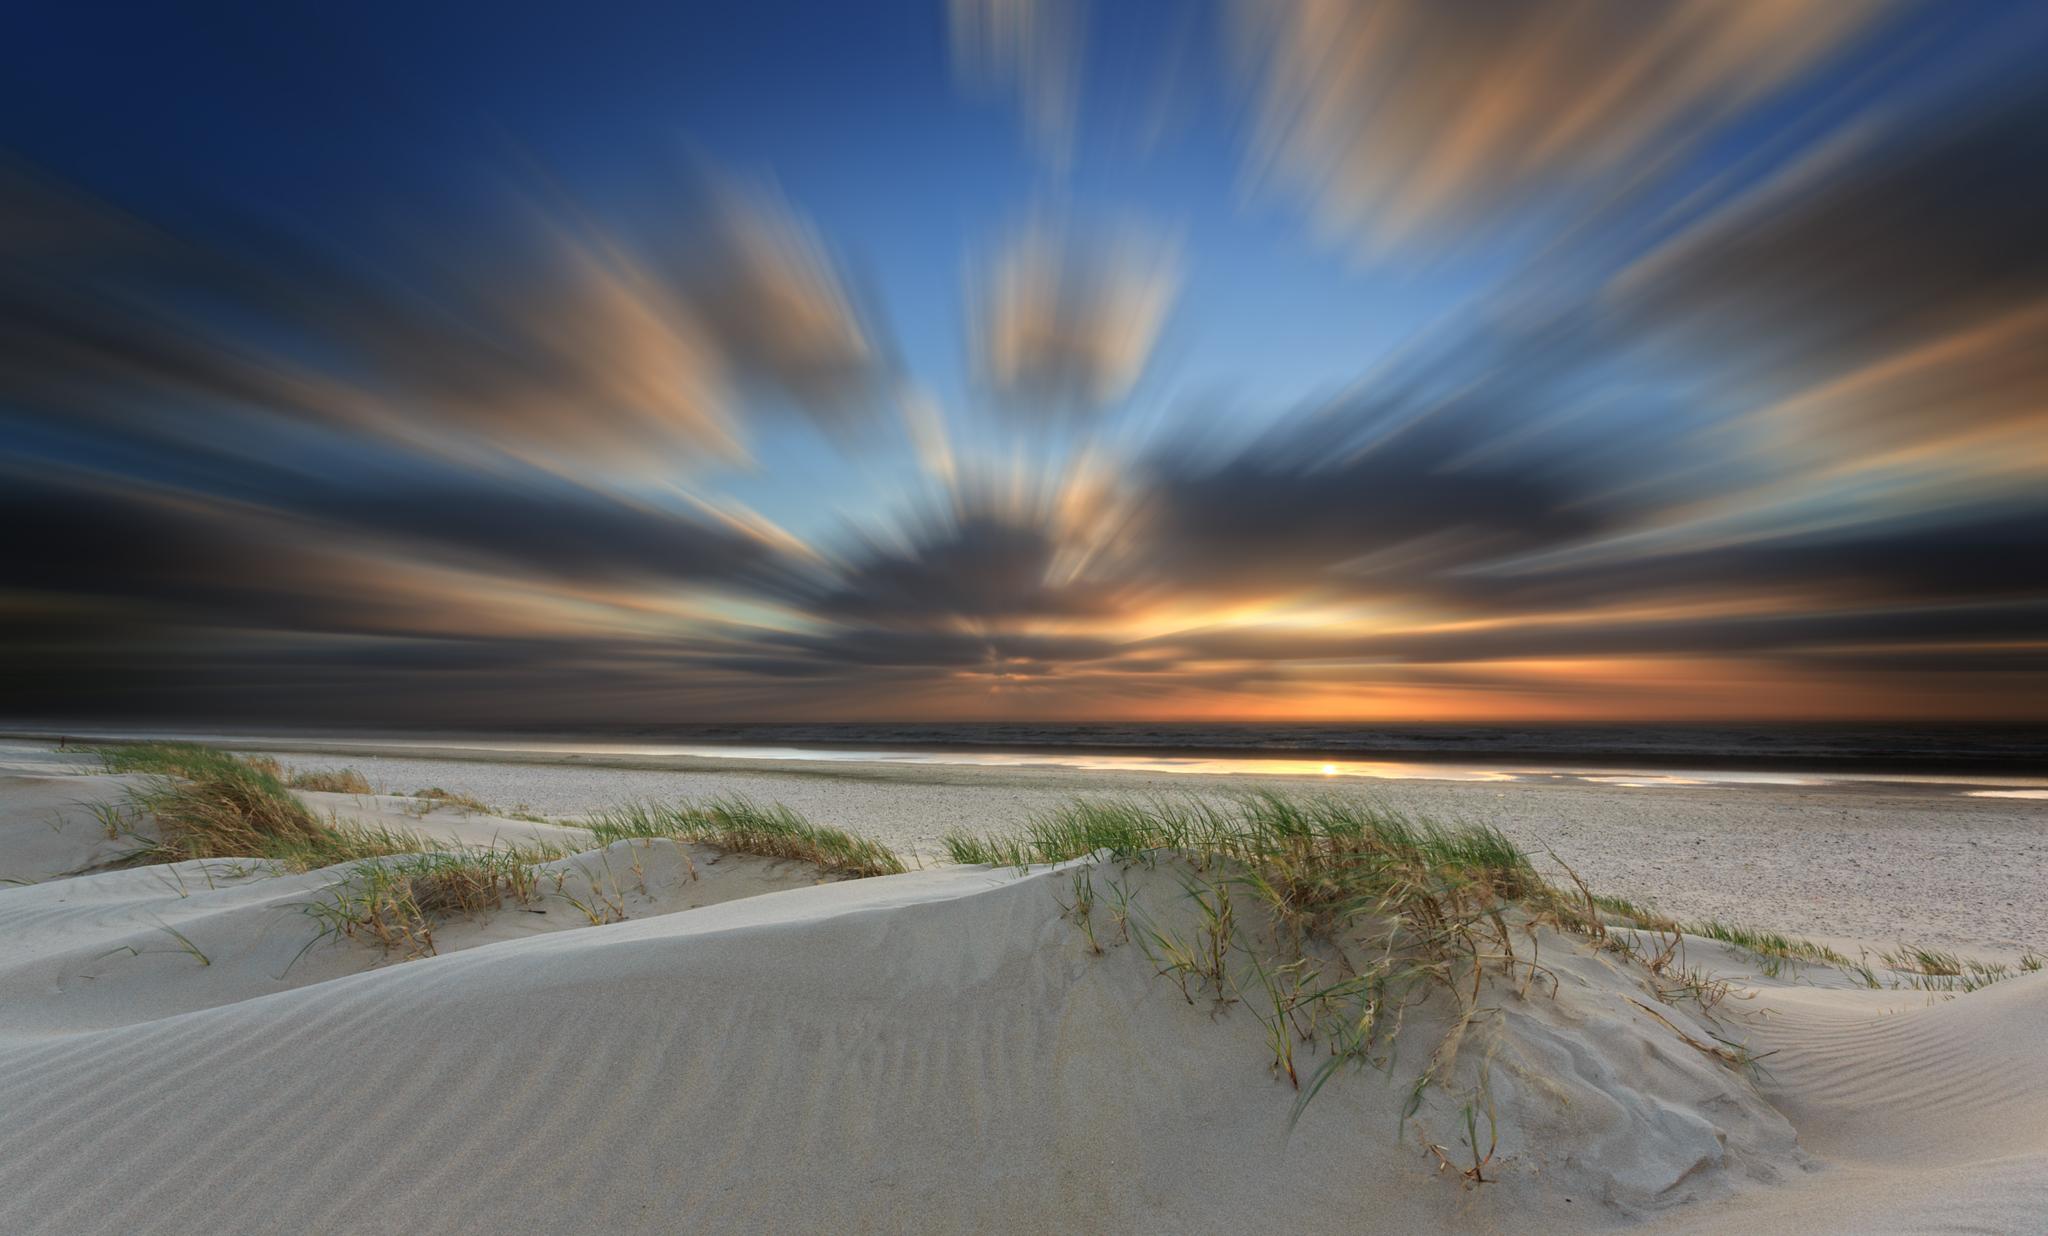 stormy sky by Jan Neumann